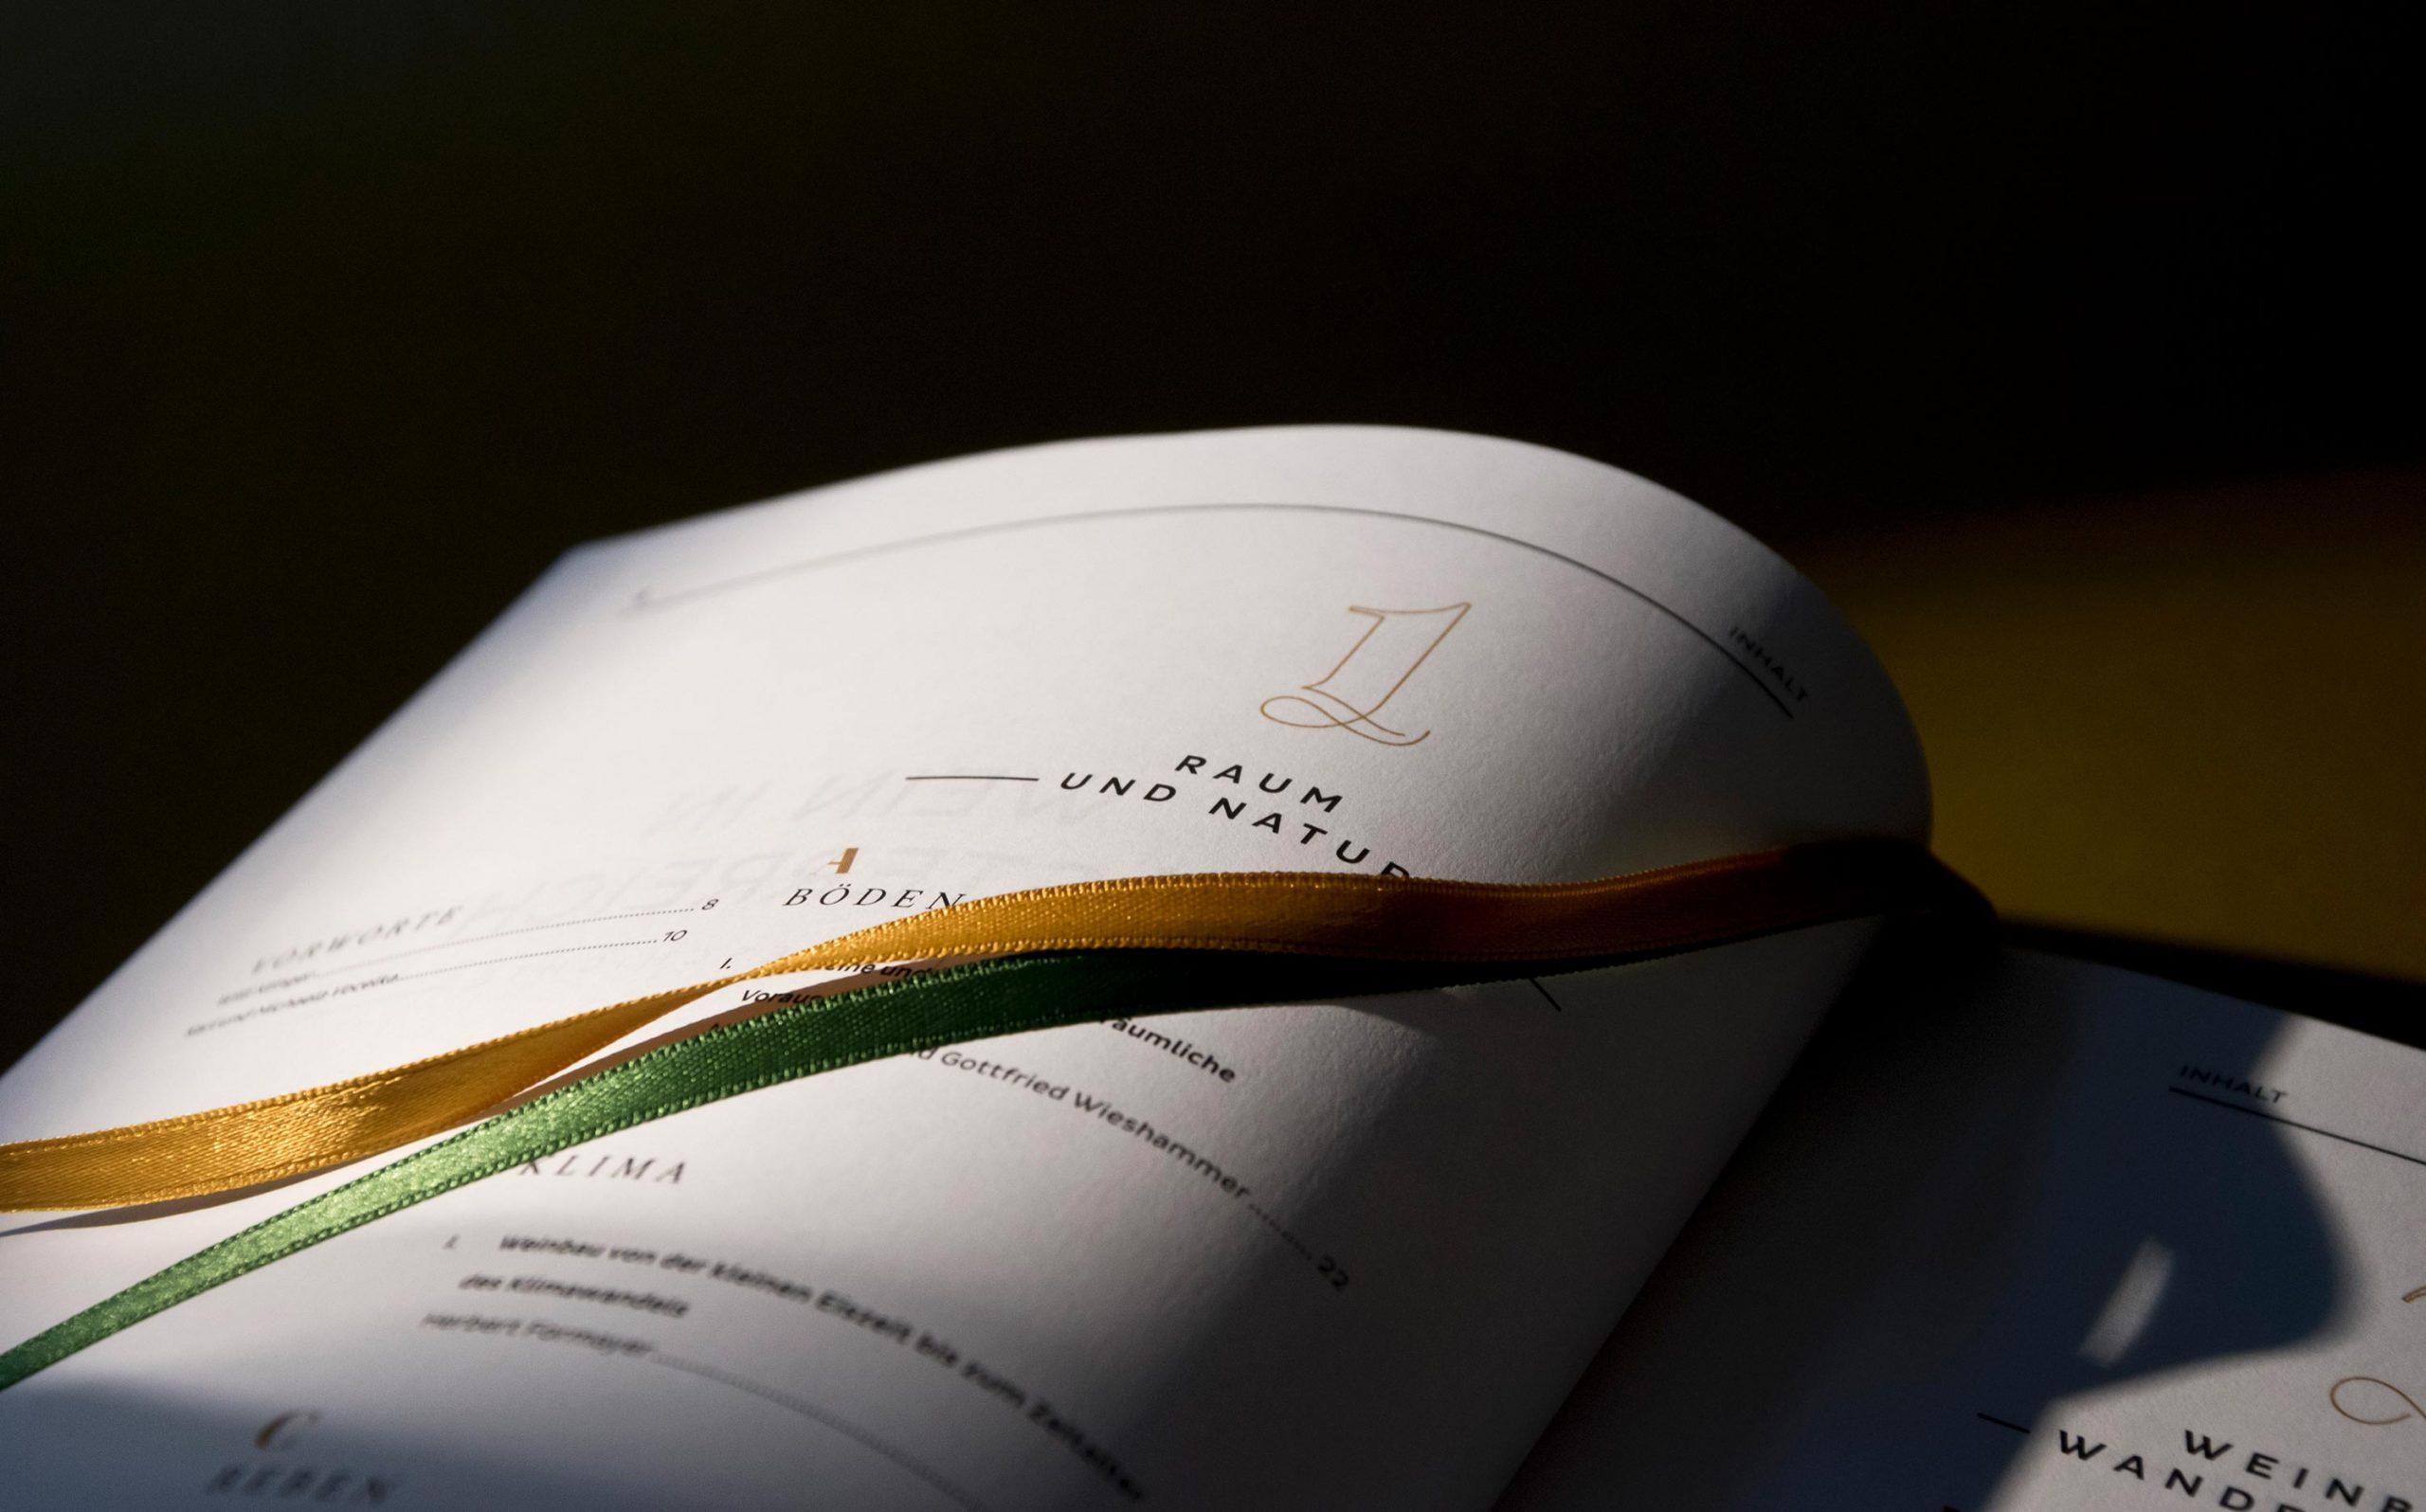 Editorial Design Wein in Österreich, Kompendium | Inhaltsangabe in Detailaufnahme mit Lesebändchen | Keywords: Kompendium, Editorial Design, Lexikon, Nachschlagewerk, Standardwerk, Mikrotypografie, Typografie